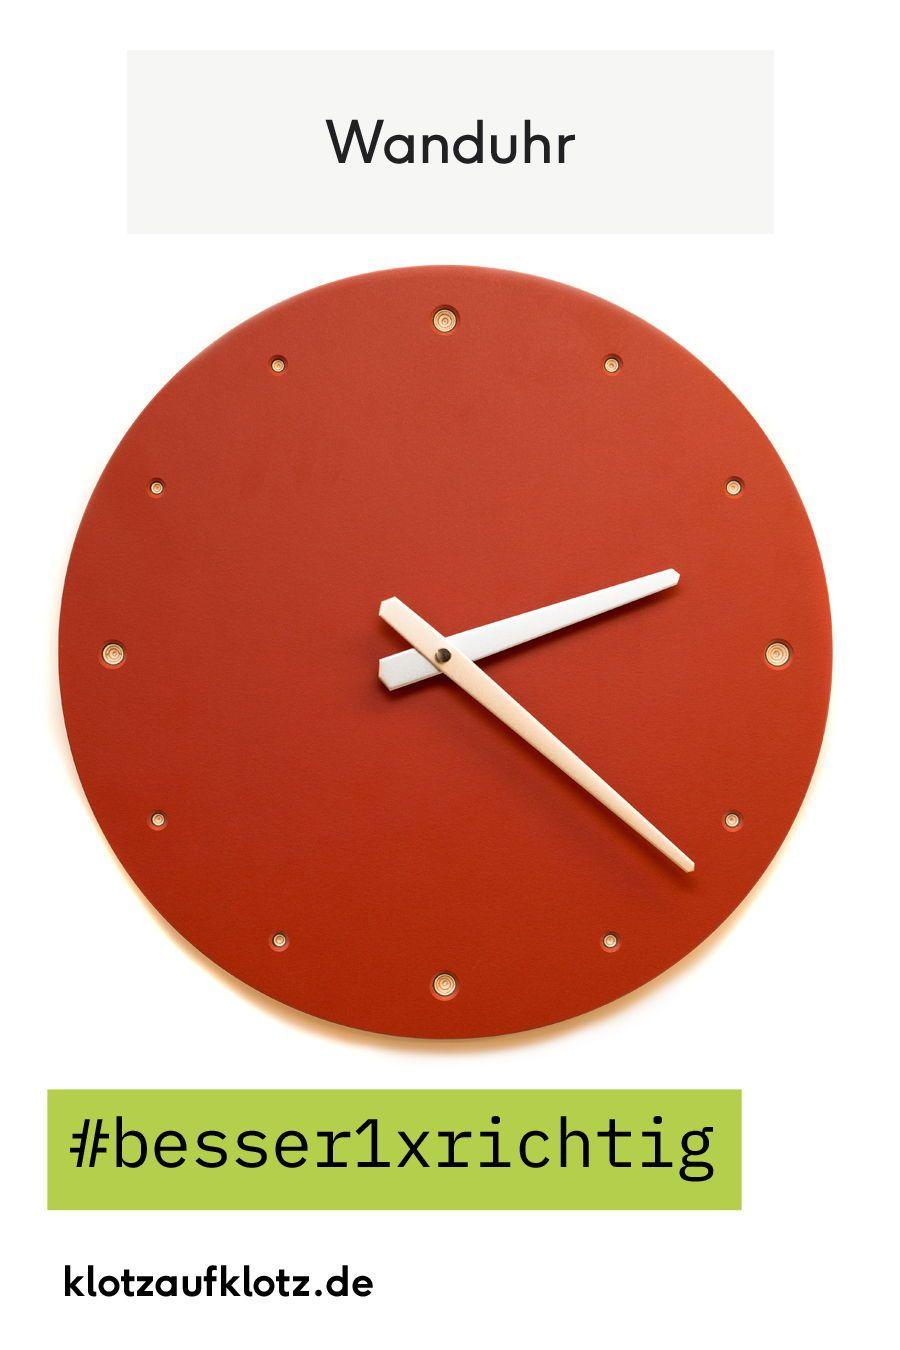 Etwas Farbe Gefällig Unsere Rote Wanduhr Peppt Jedes Zimmer Auf Besser1xrichtig 129handgriffe Rotrotrotsindallemeinefarben Holzkoe Wanduhr Wand Uhr